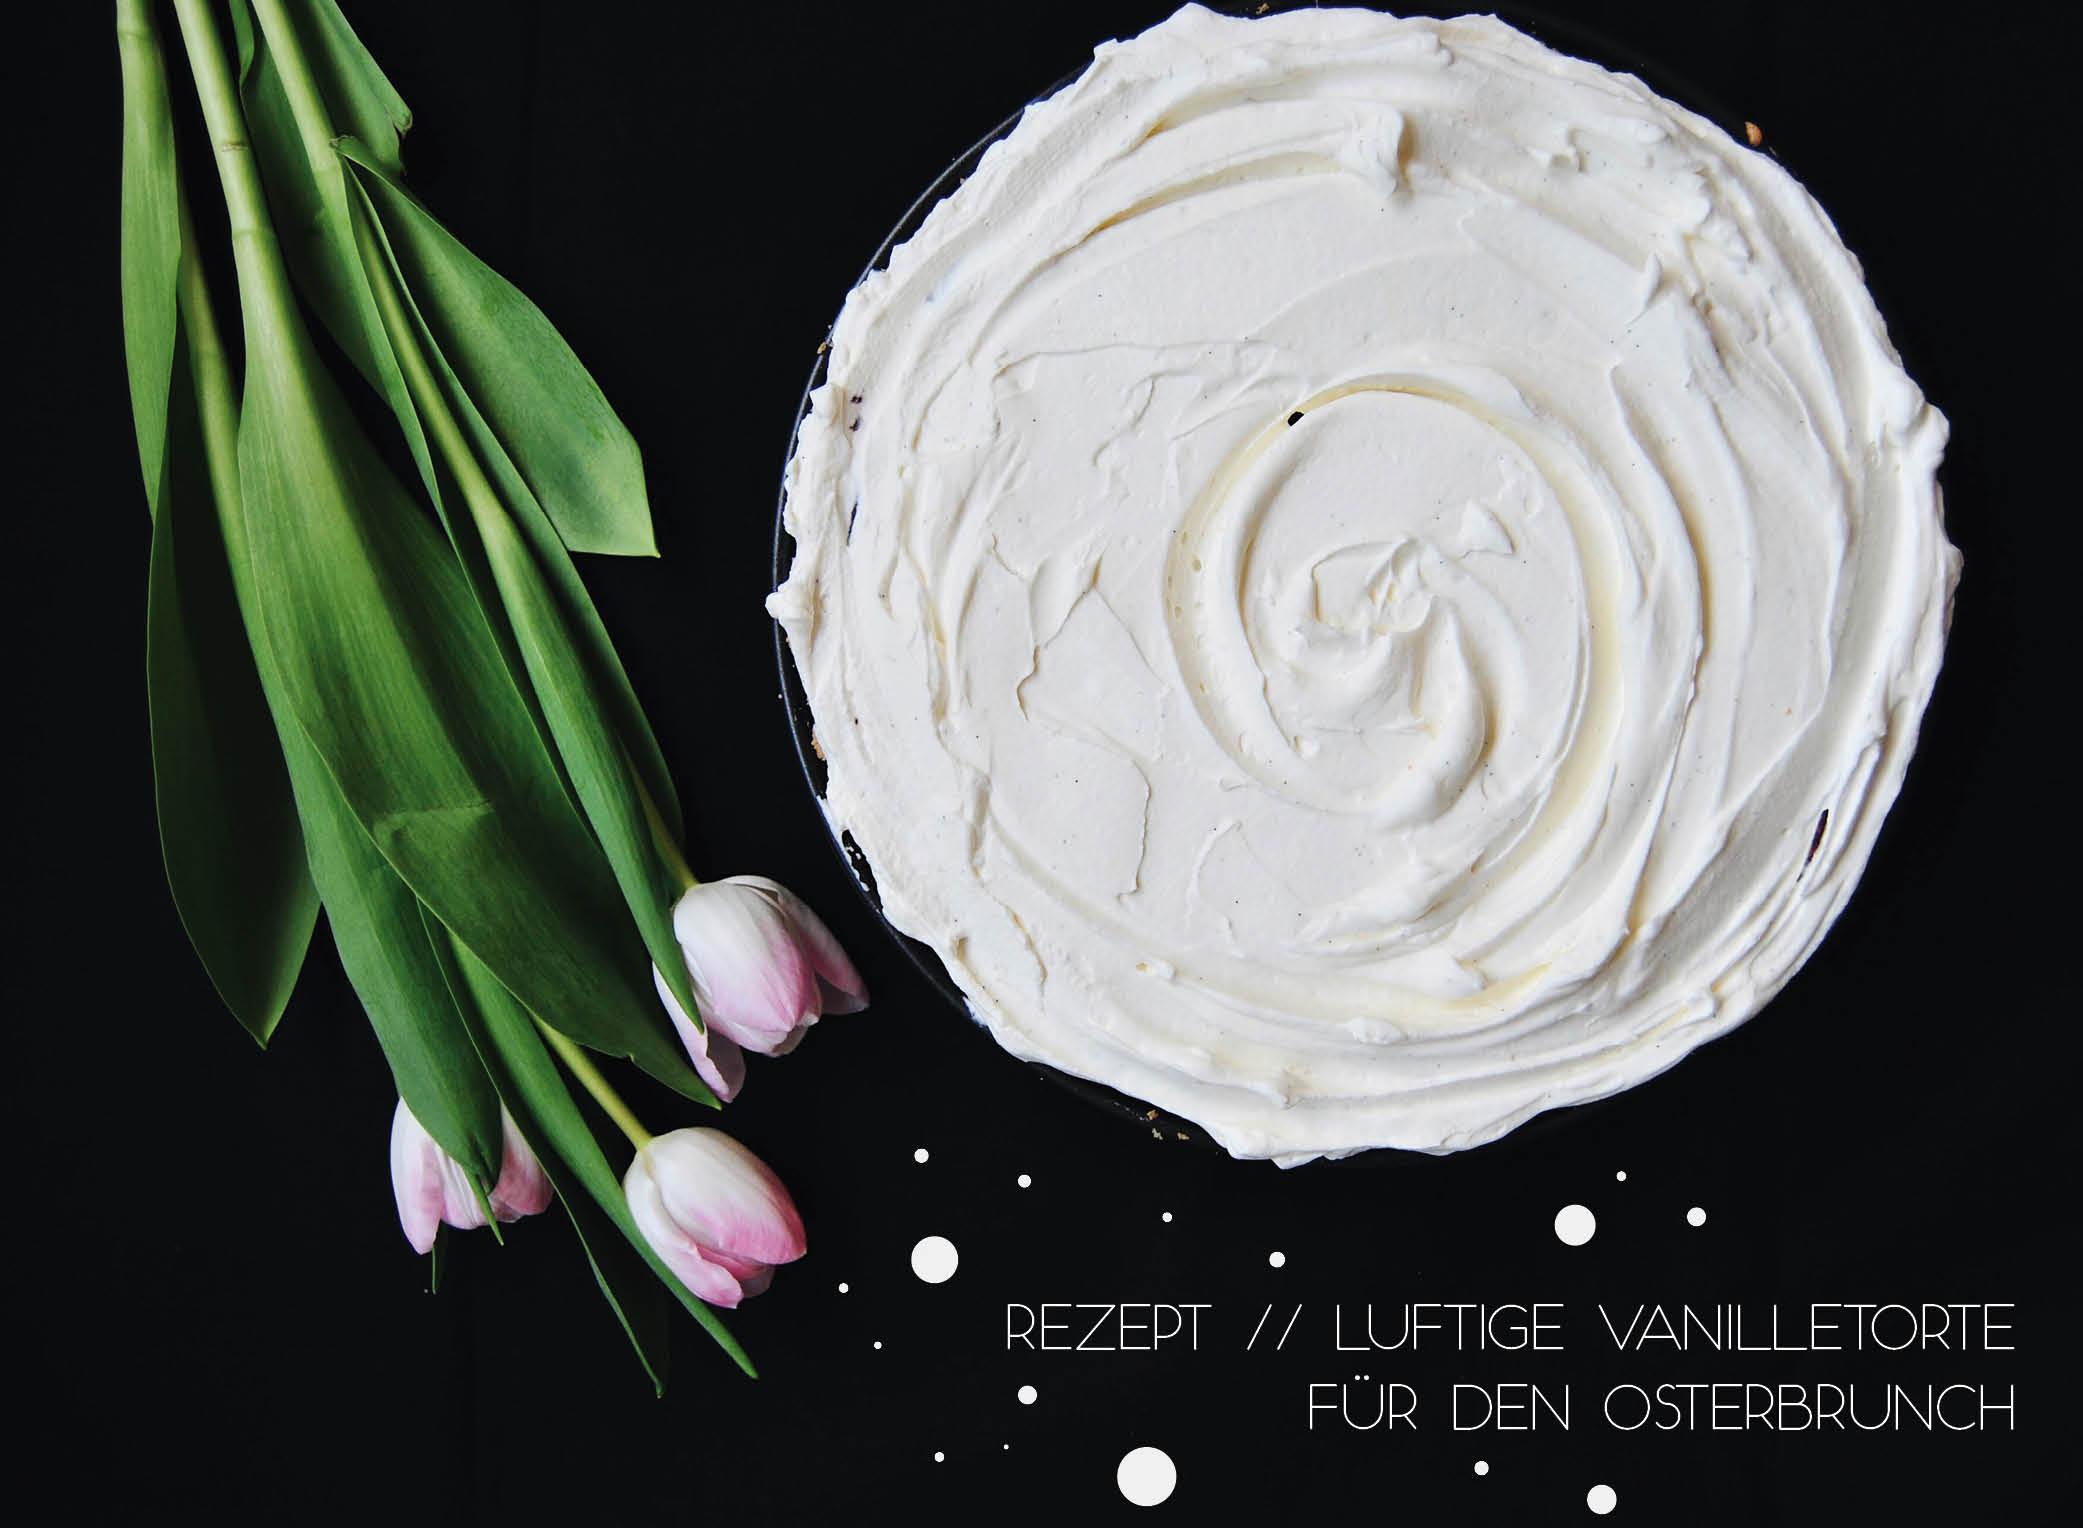 Luftige Vanilletorte, Ostertorte, Ostern, backen, baking